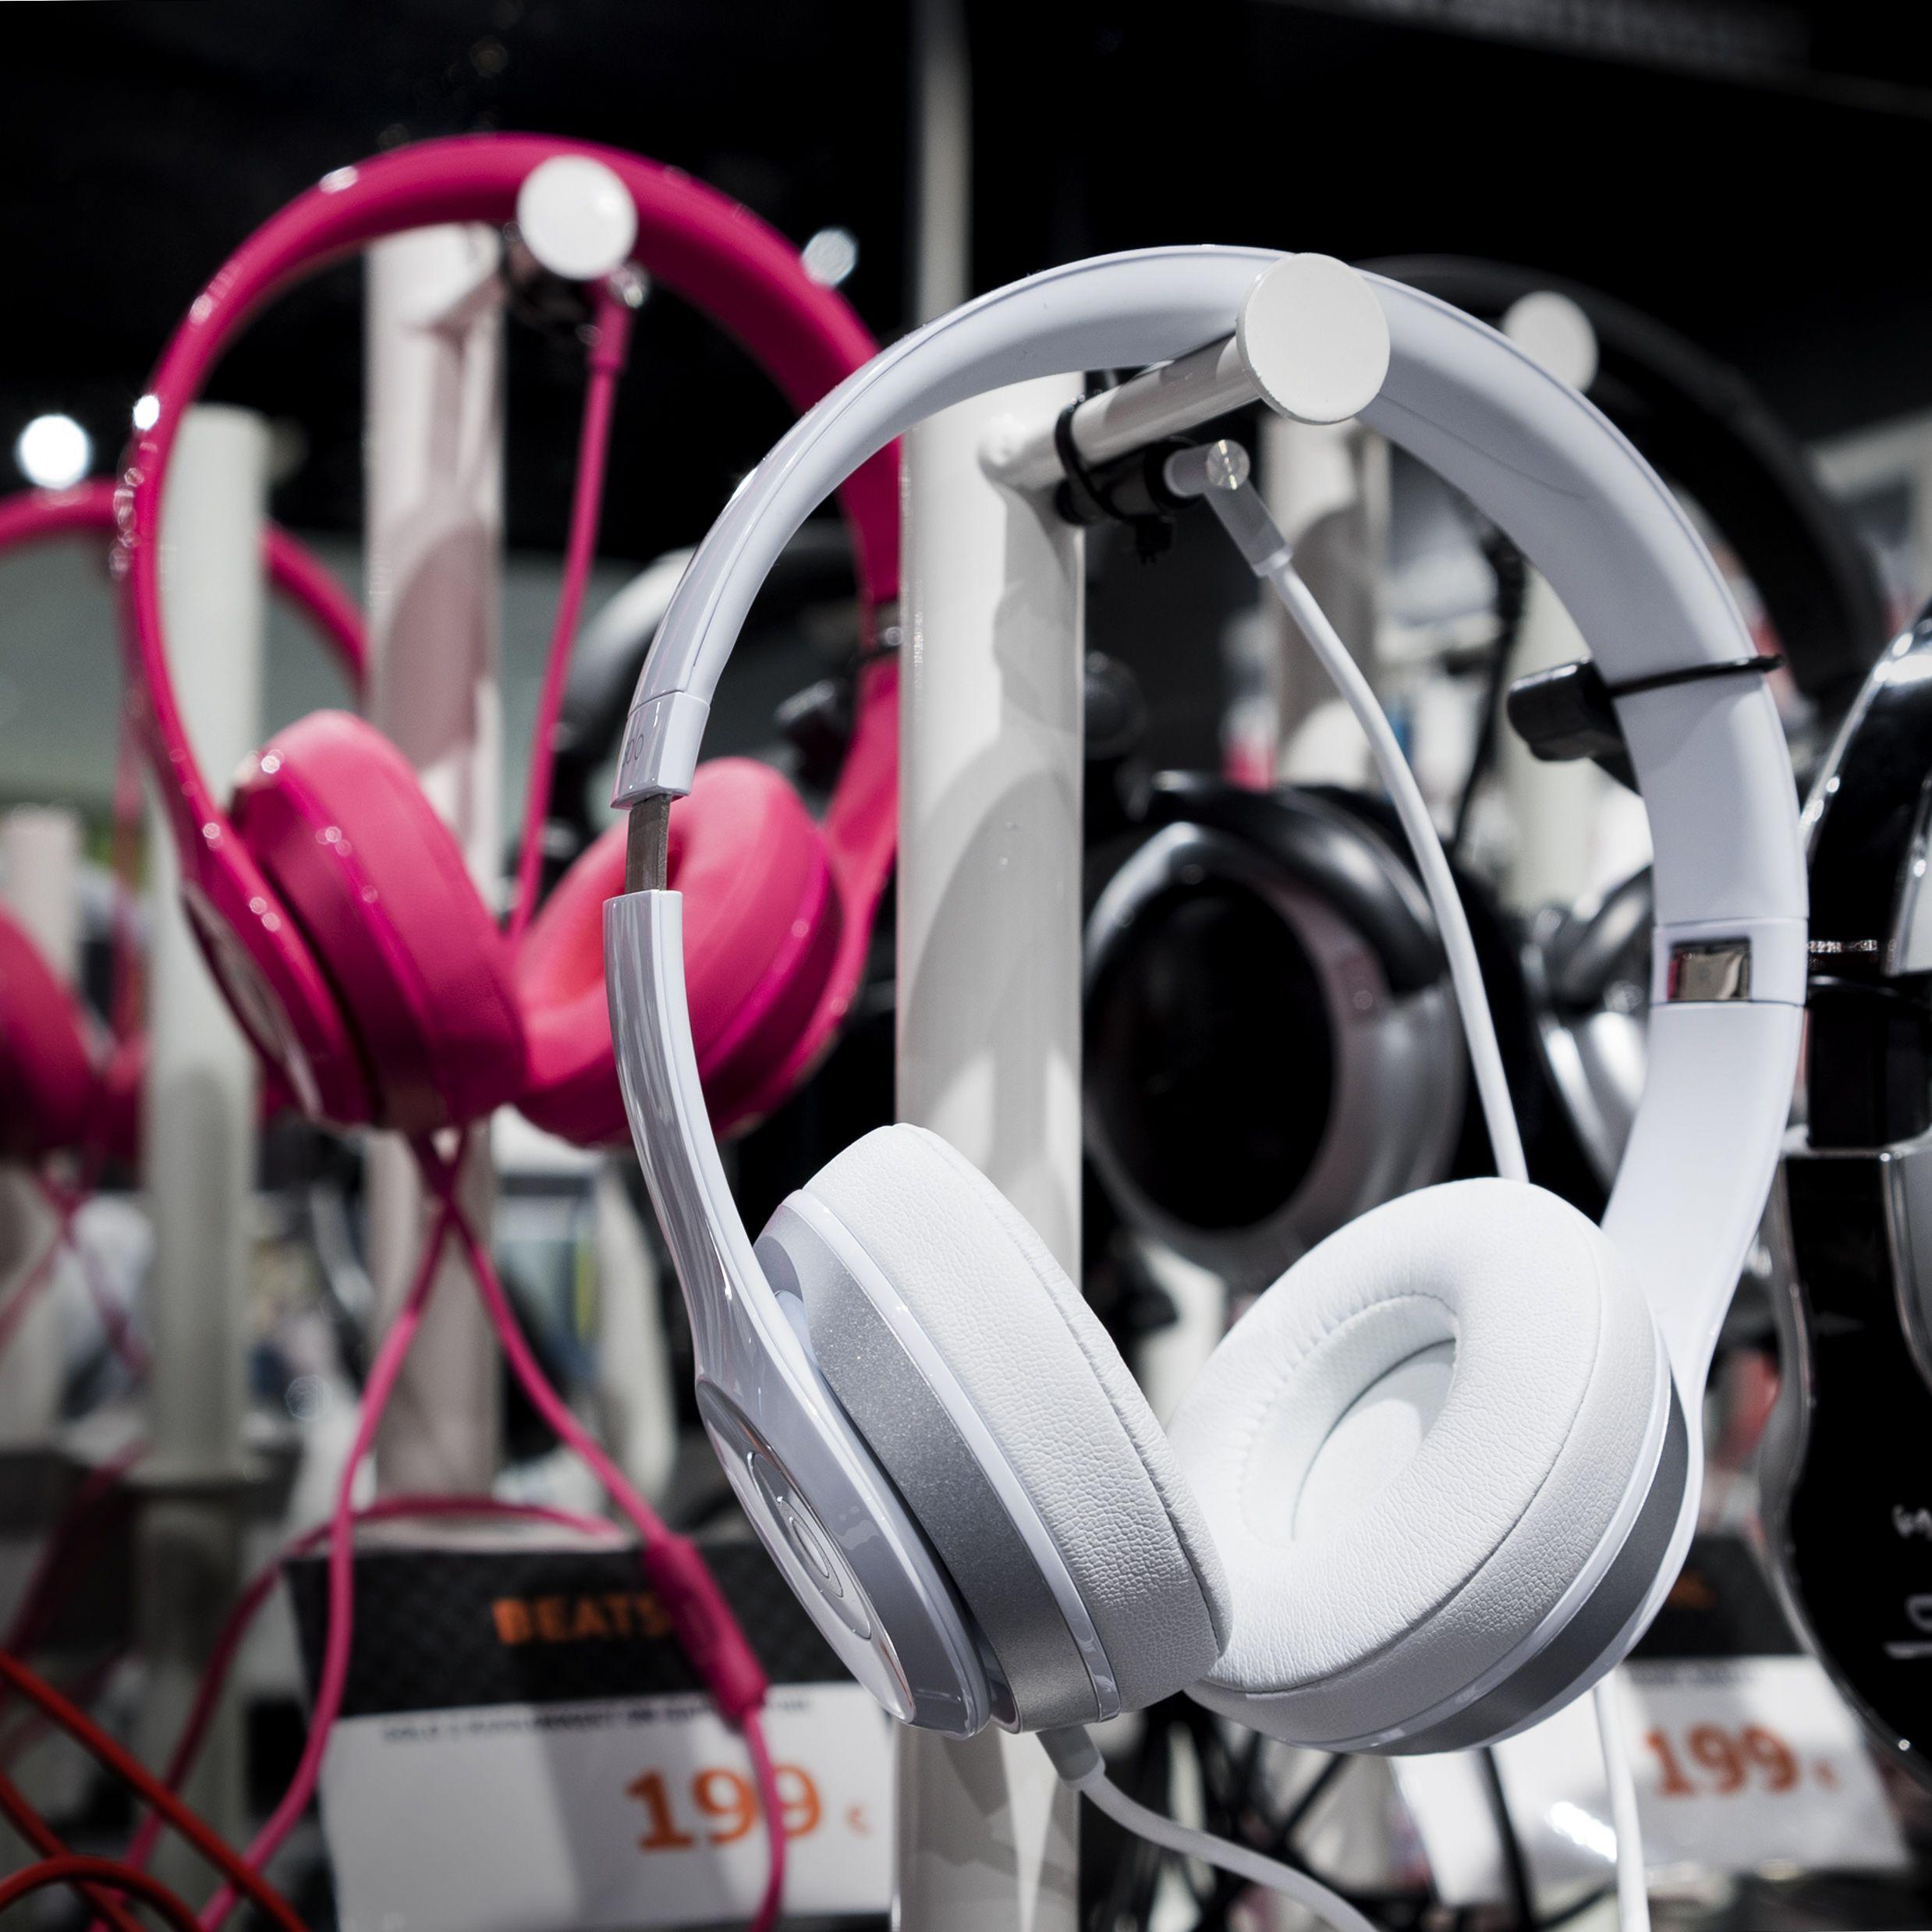 Tyylikkäät Beats by Dr. Dre kuulokkeet takaavat vahvan ja selkeän äänenlaadun. #expertfi #beats